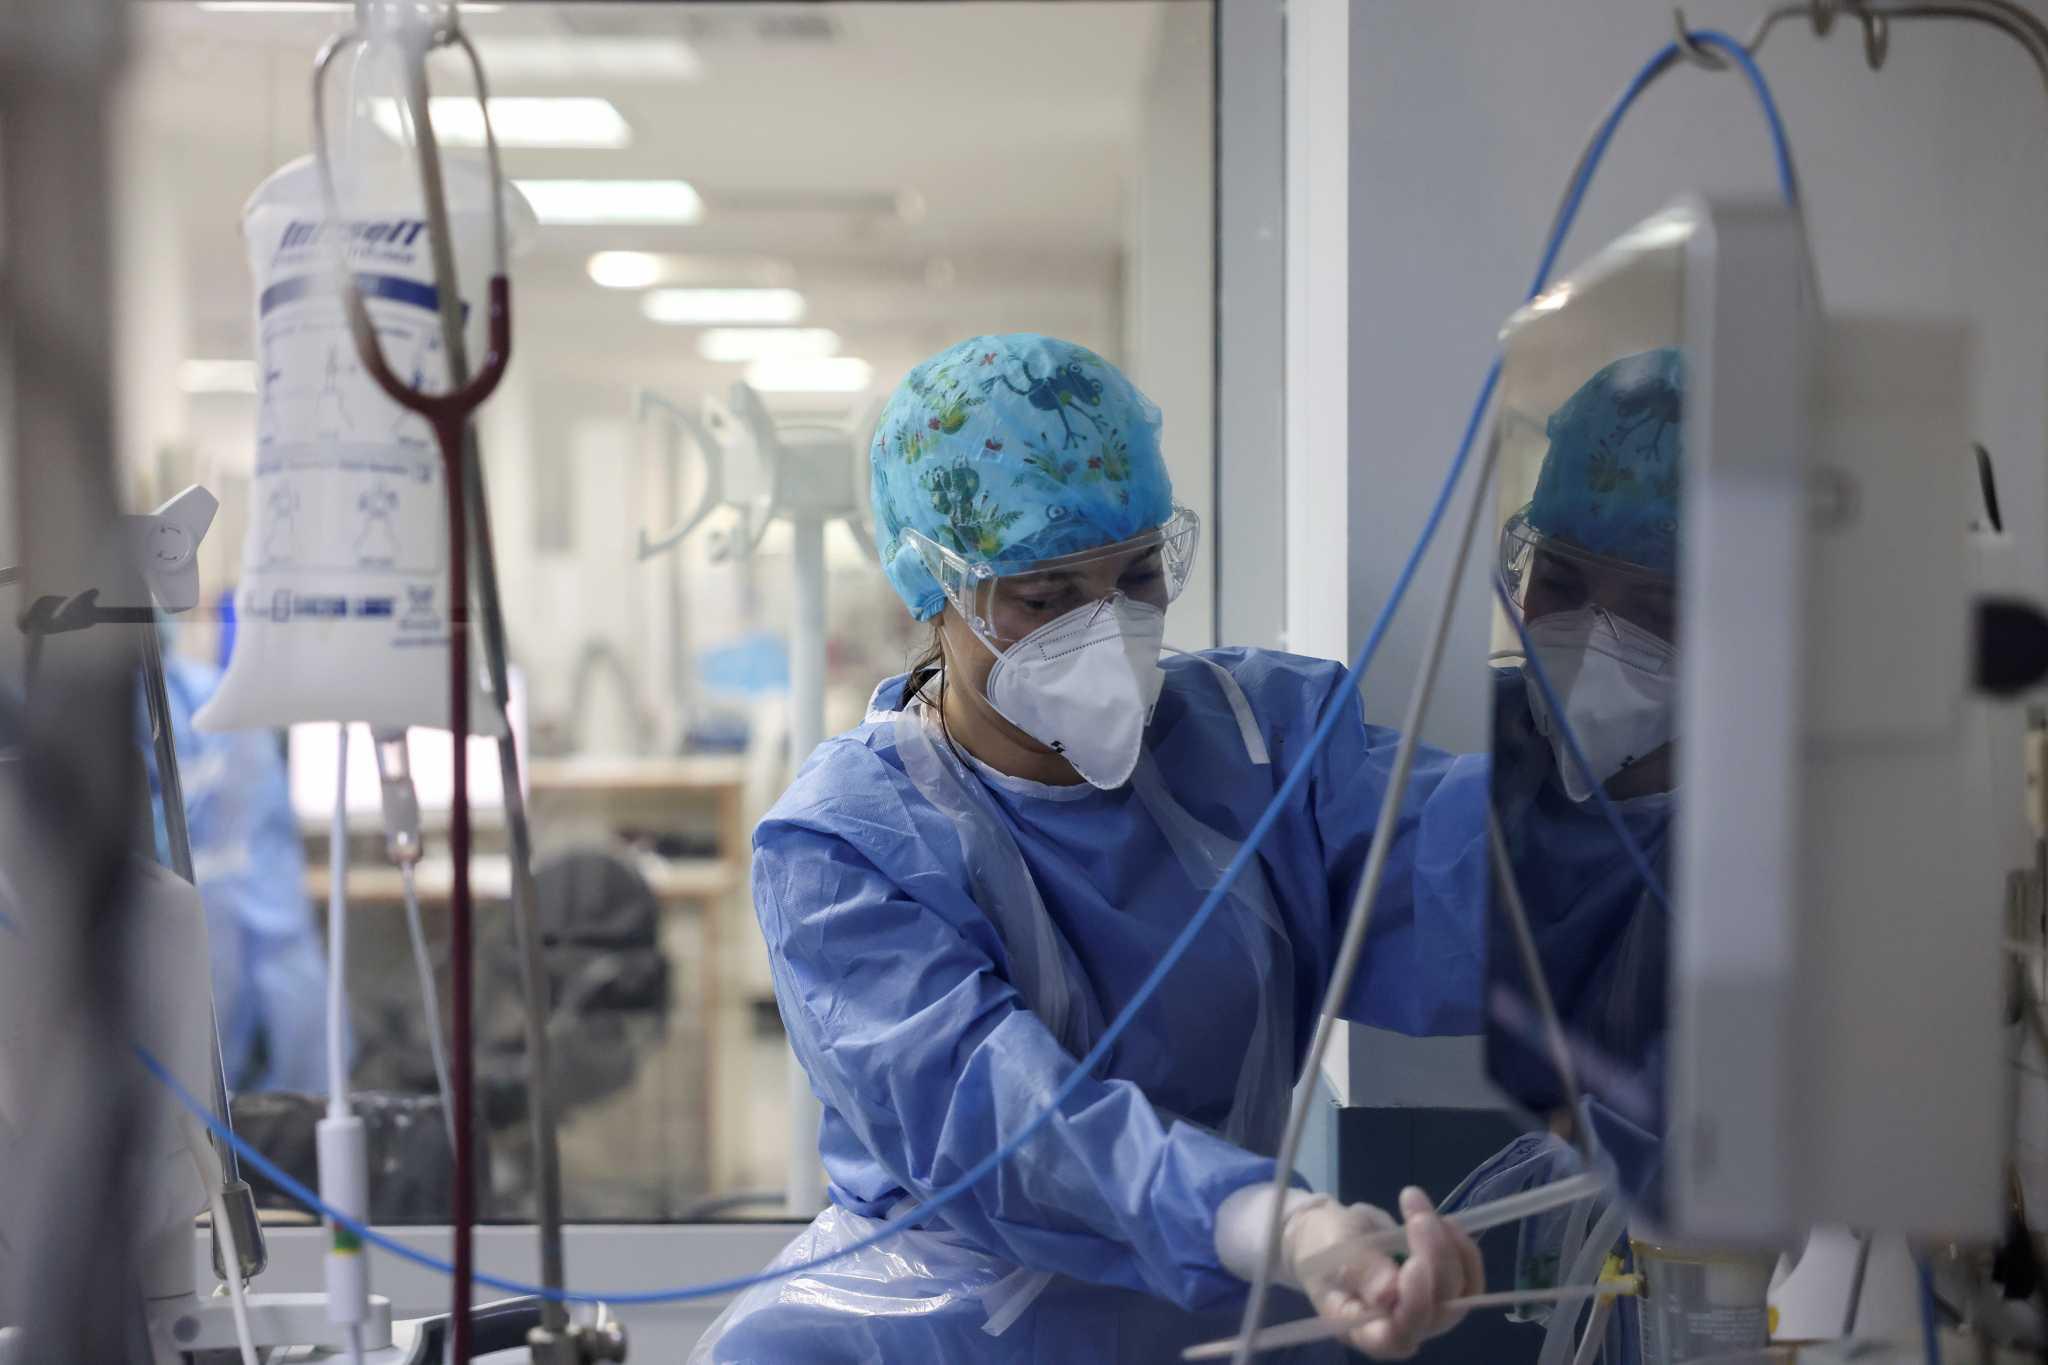 Αιτωλοακαρνανία – Κορονοϊός: Βράζουν Μεσολόγγι και Αγρίνιο – Σήμα κινδύνου από τα νοσοκομεία